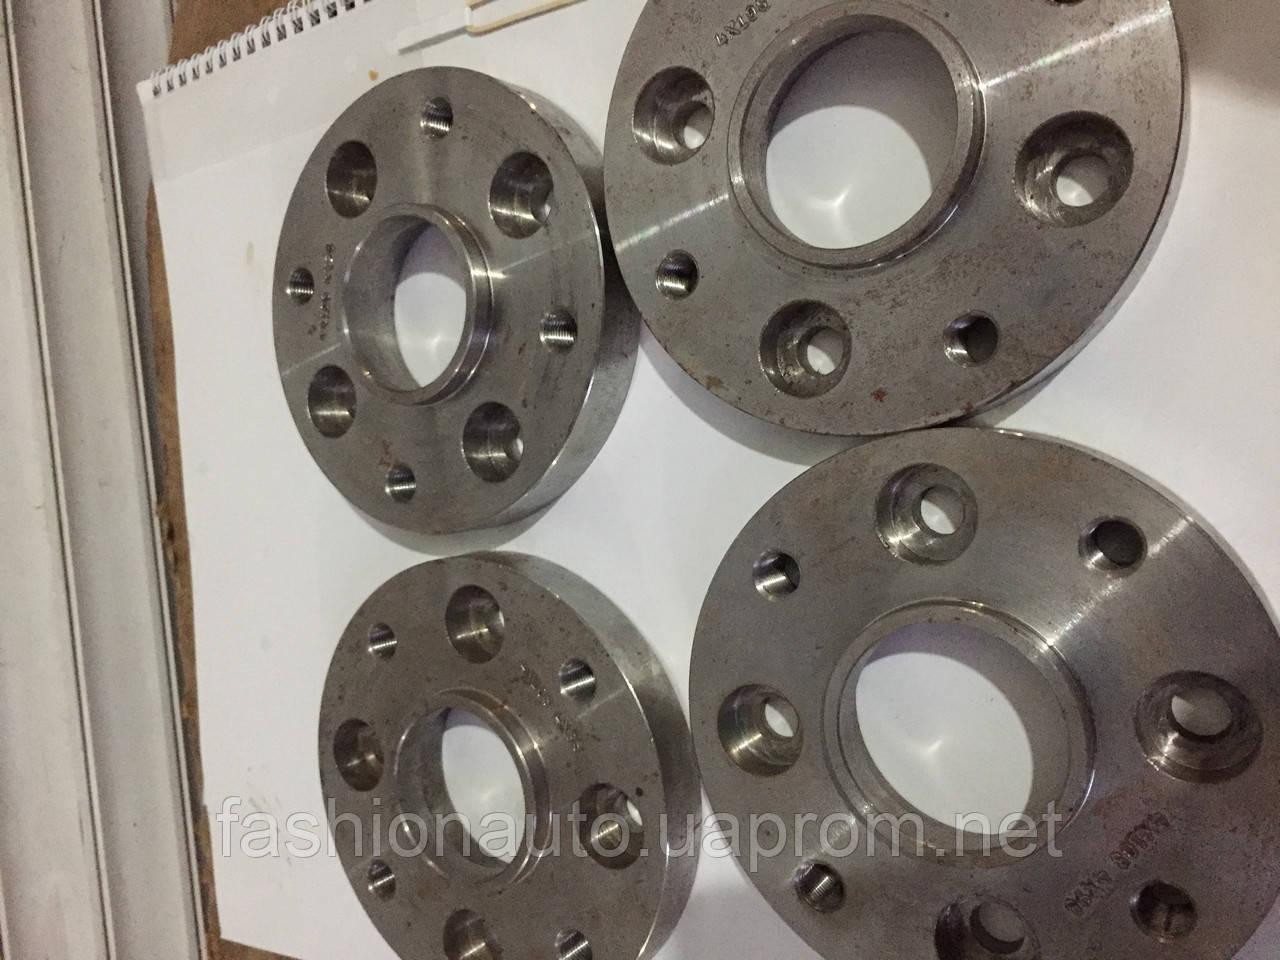 Проставки колес переходные с 4-98 на 4-108 толщина 20мм